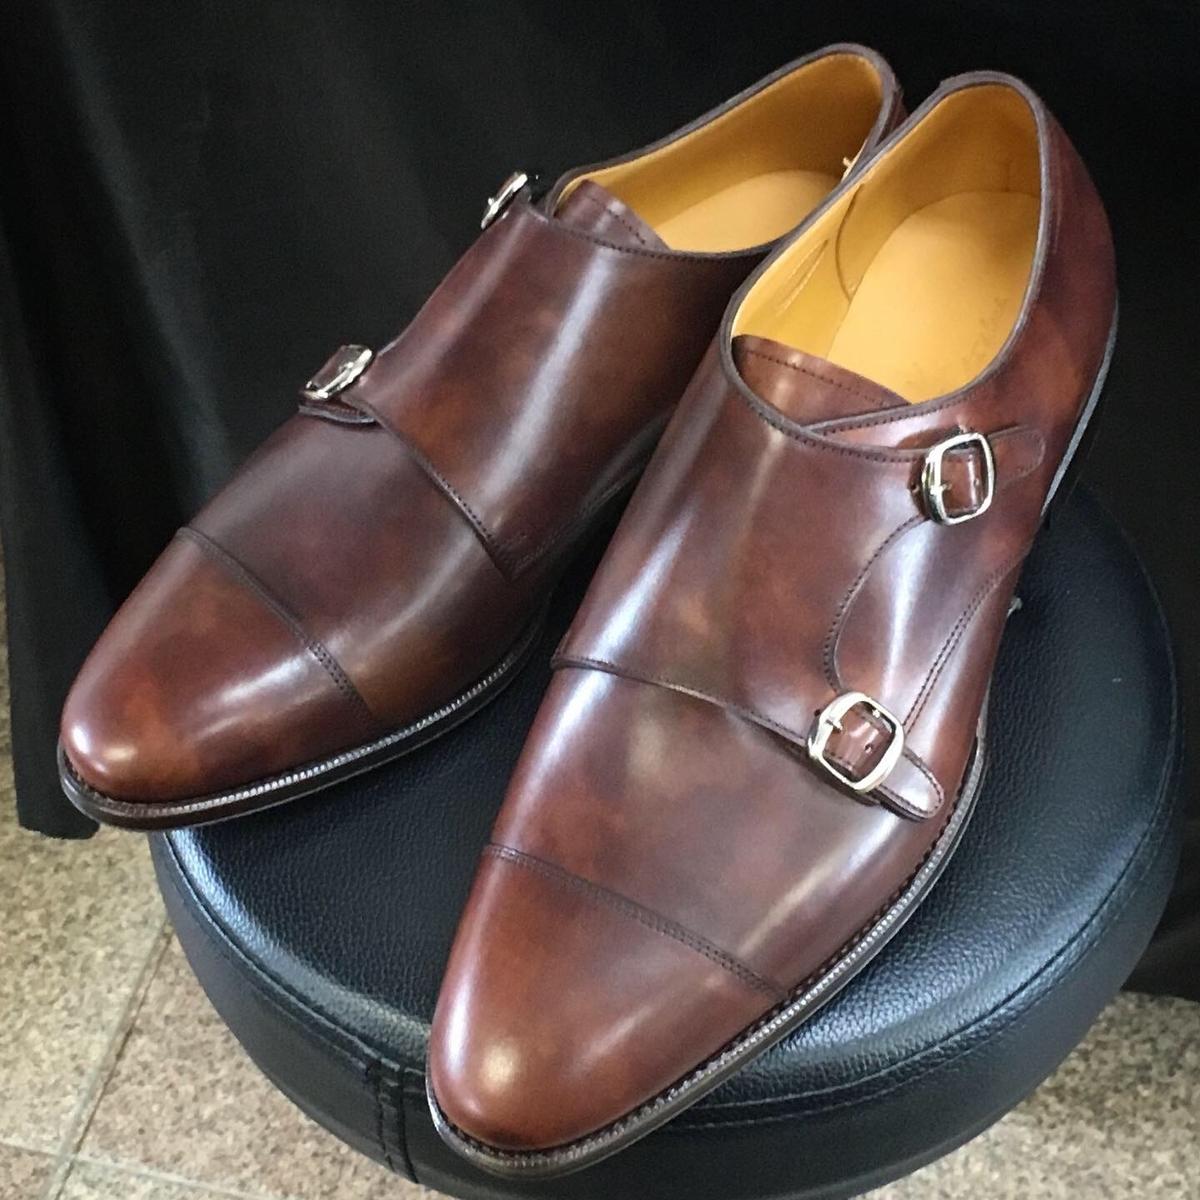 f:id:raymar-shoes:20190515210441j:plain